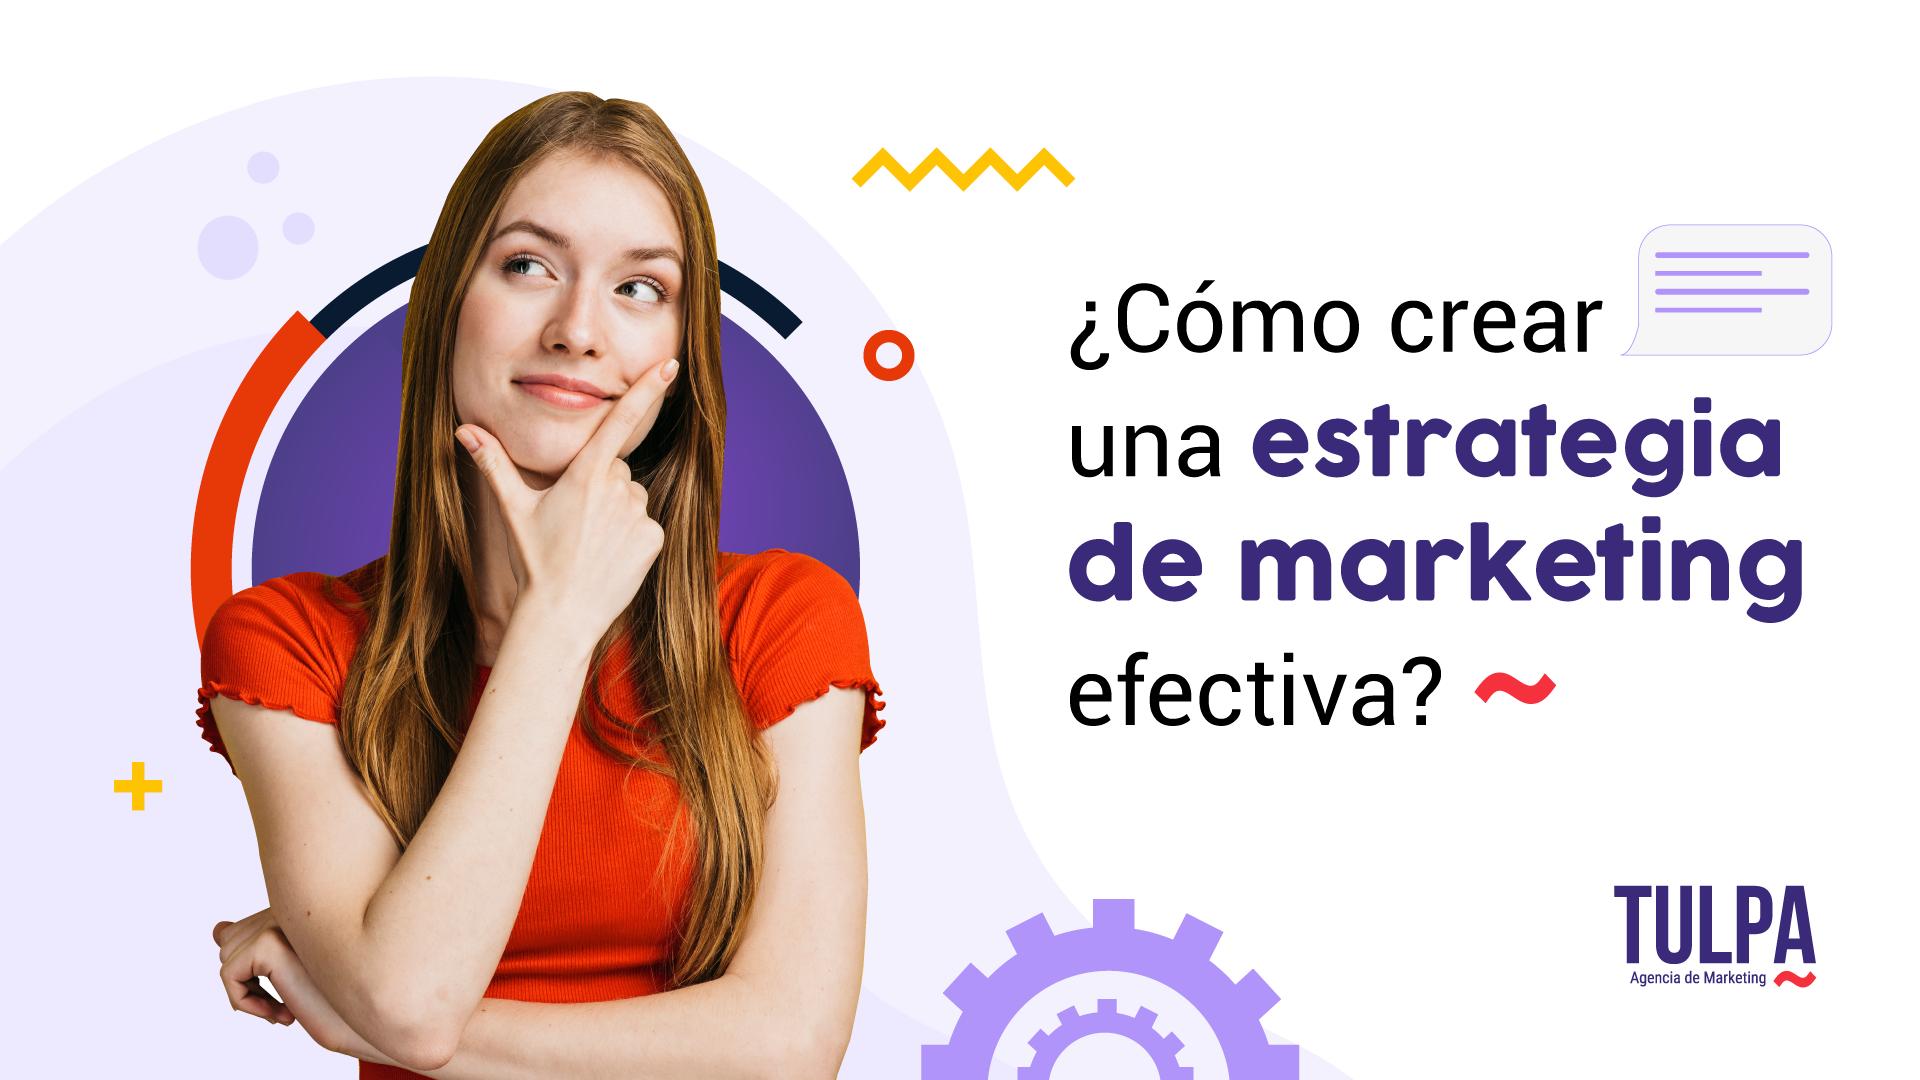 ¿Como crear una estrategia de marketing efectiva?